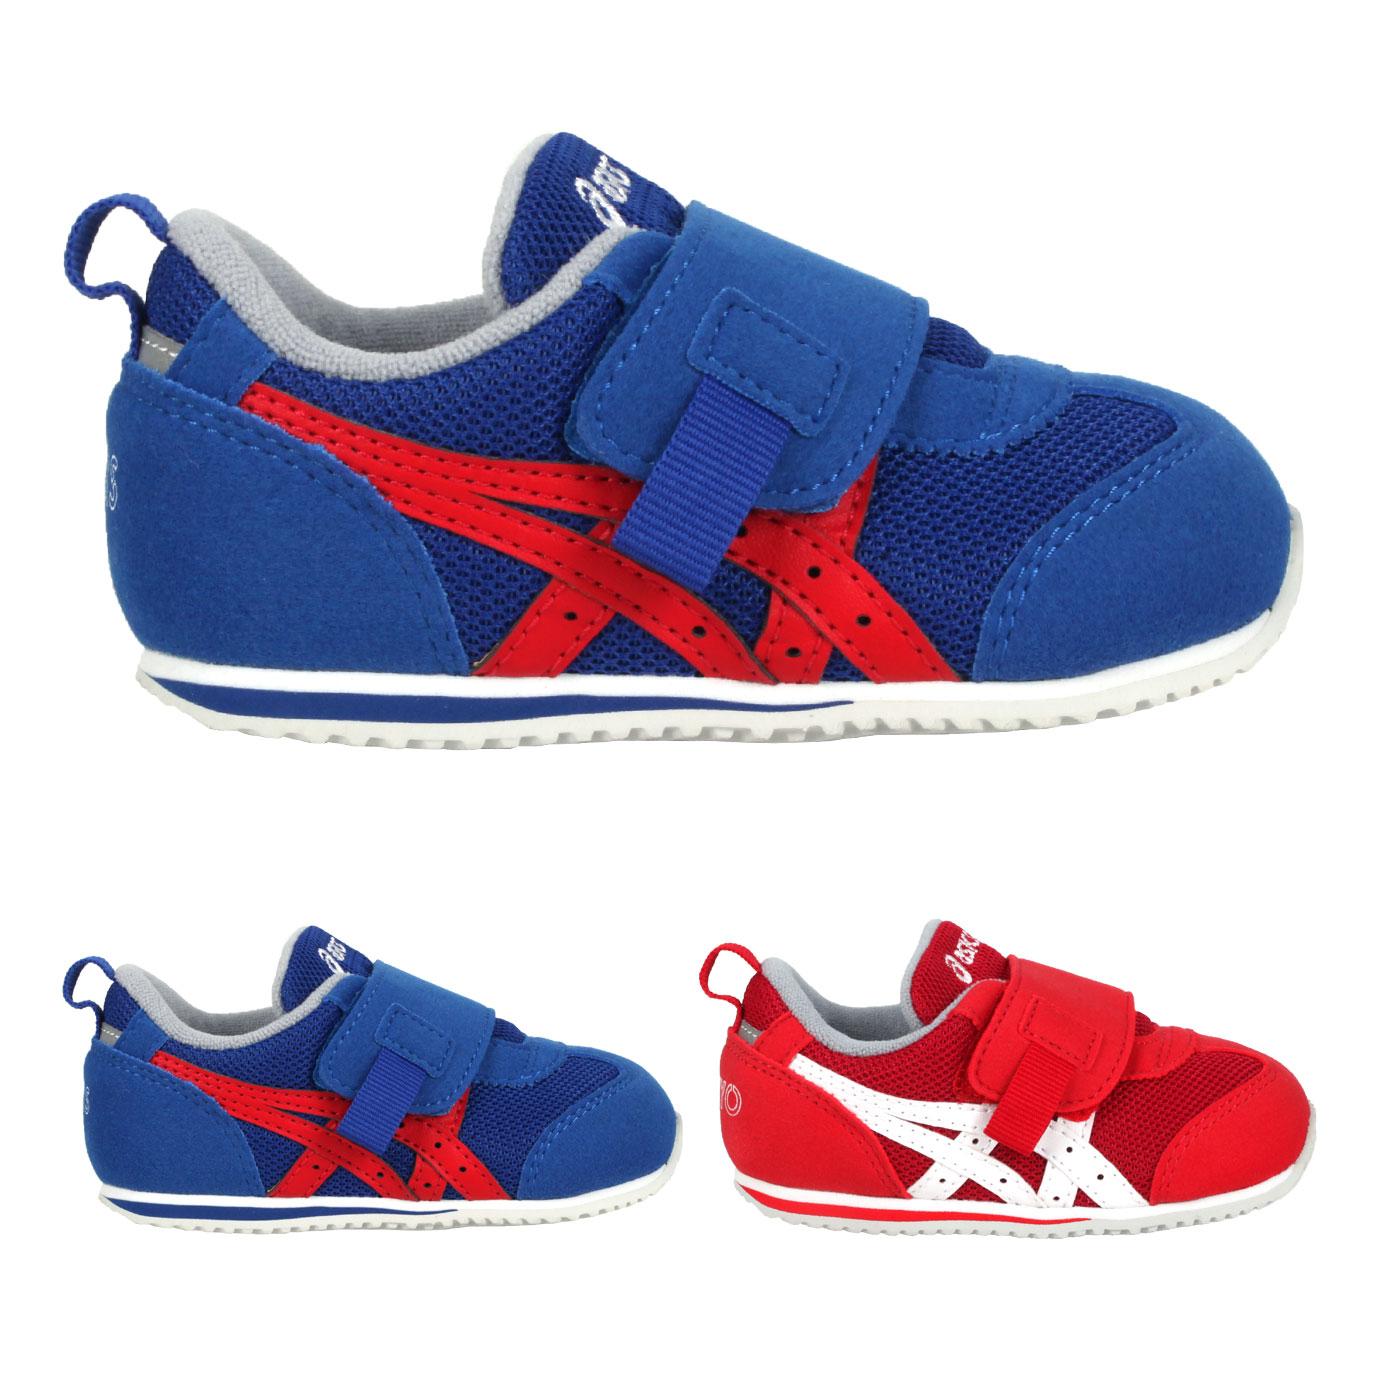 ASICS 小童休閒運動鞋  @IDAHO BABY OP@1144A158-400